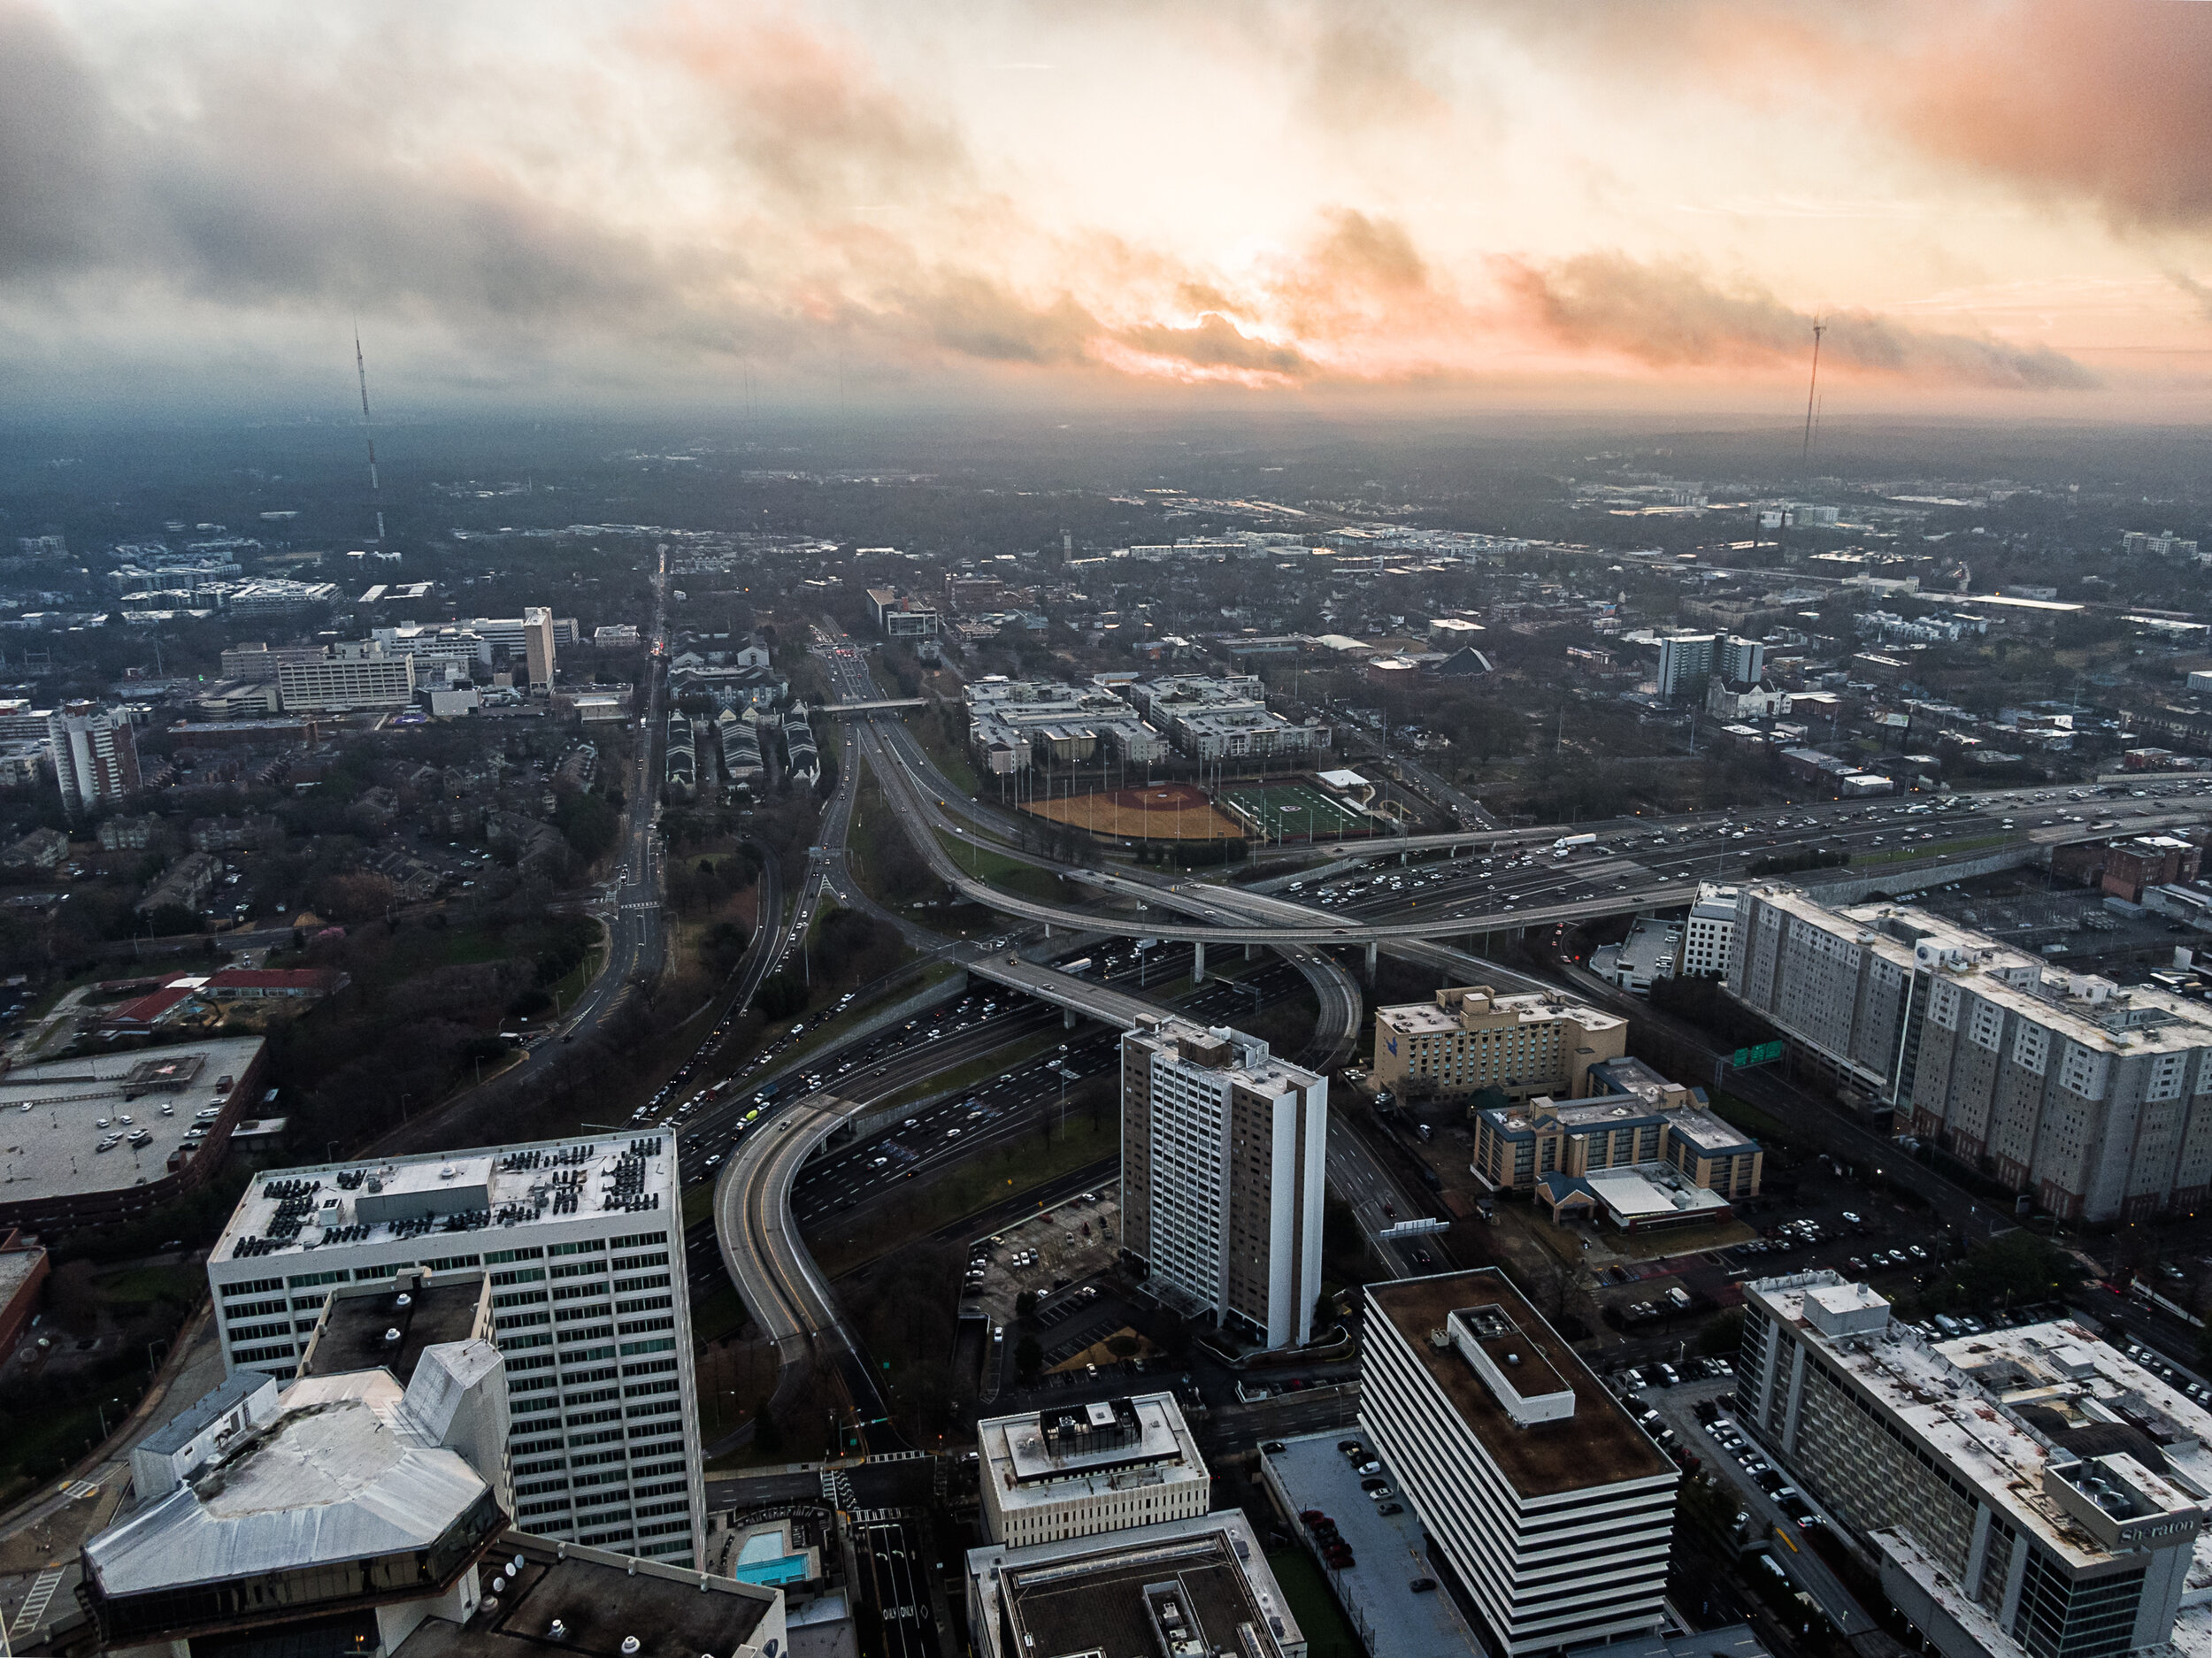 Jackson Street Bridge Lookback Atlanta North Skyline Bank of America Sunrise Top of Marriott Marquis